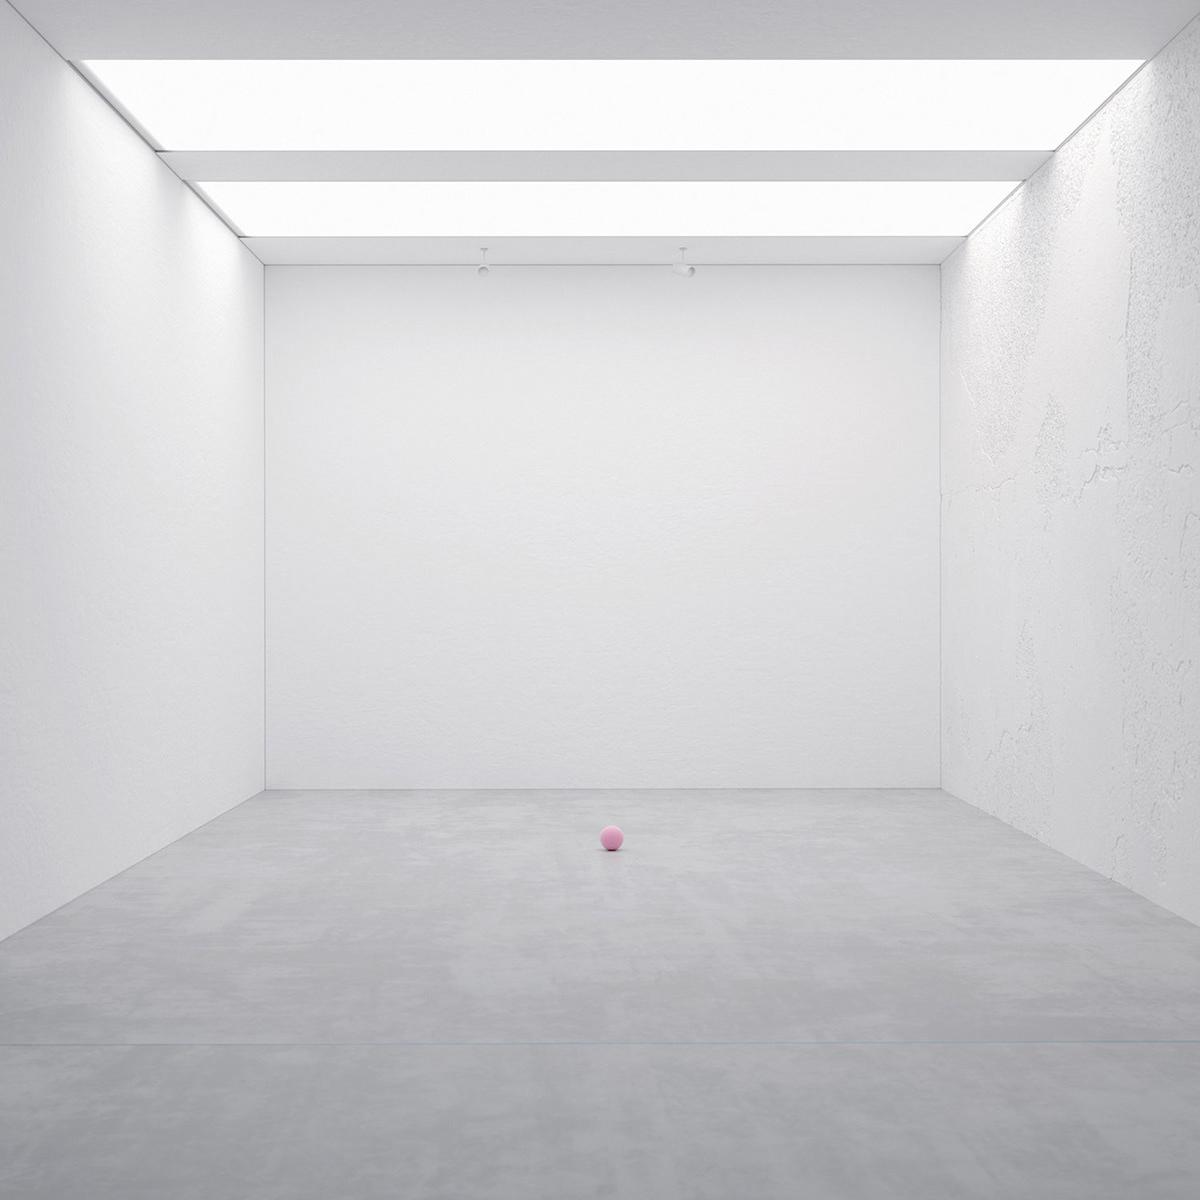 art Exhibition  reisinger DesignArt sphere pink Interior installation